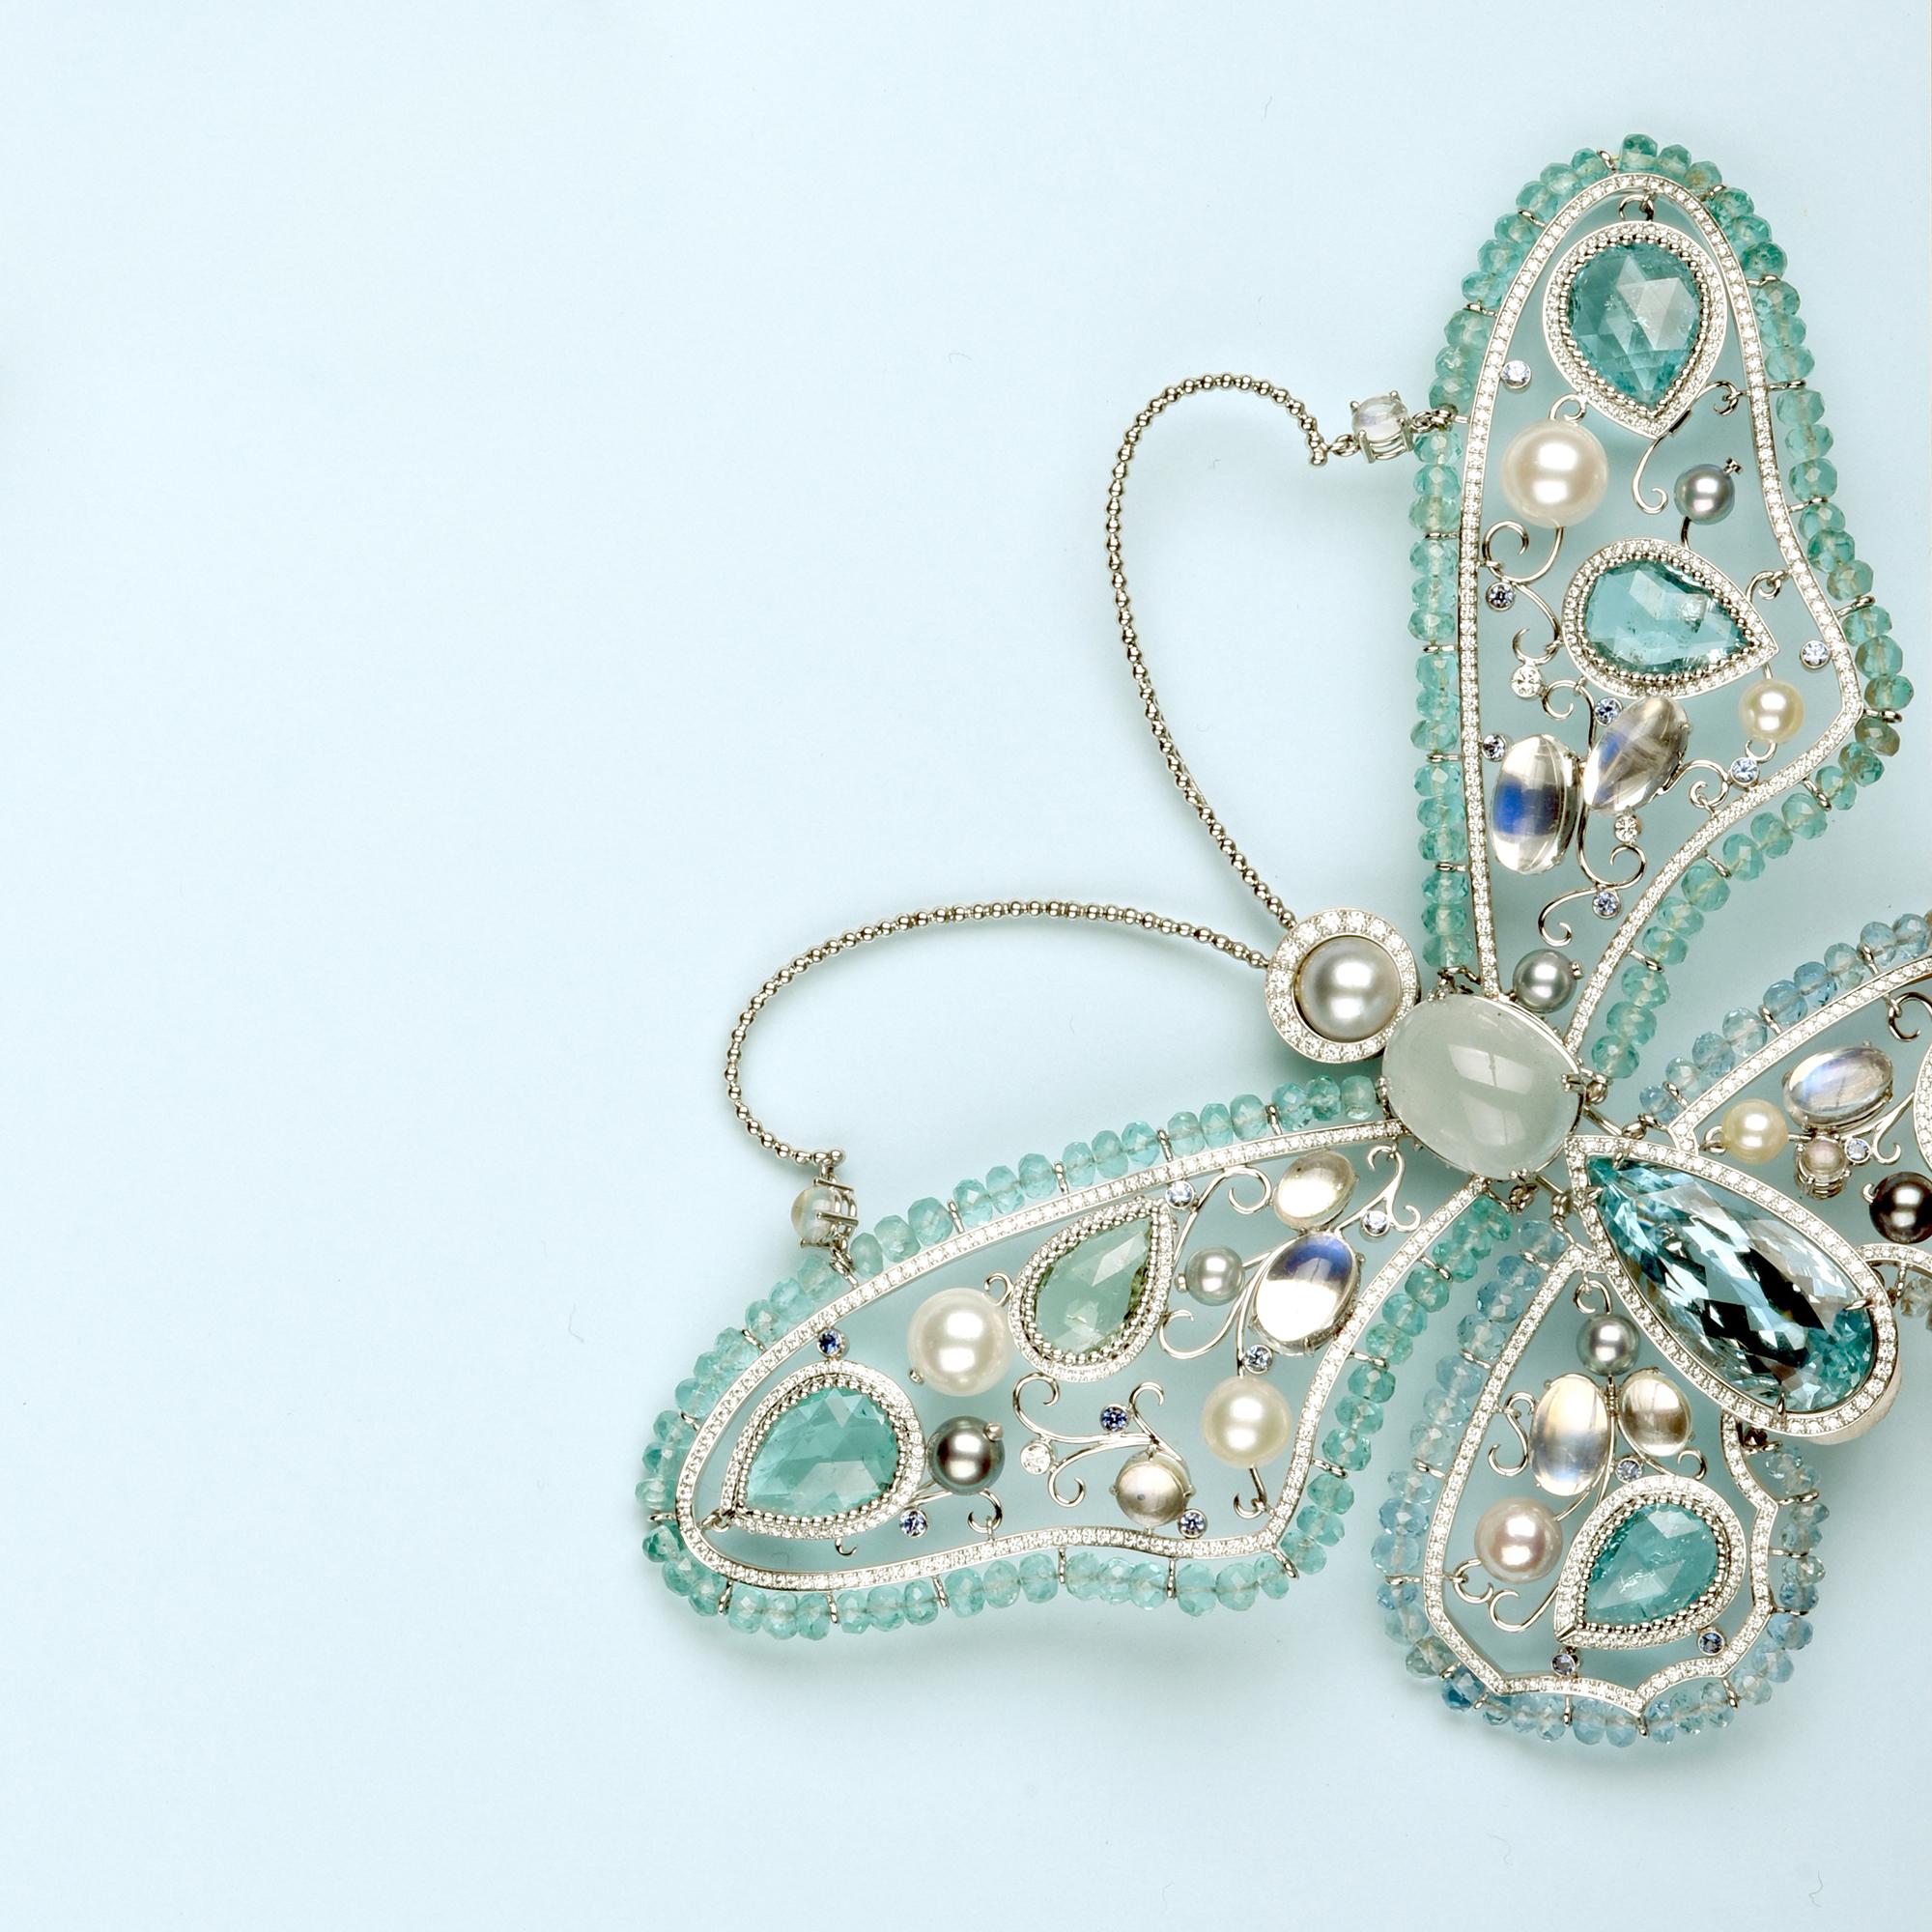 Clip en or blanc 750 signé «Chopard», pièce unique. Il stylise un papillon aux ailes déployées fait d'aigue-marine, perle de culture, brillants, tourmalines, pierres de lune. Hauteur env. 10cm, largeur env. 14cm, poids brut env. 71,8 g.